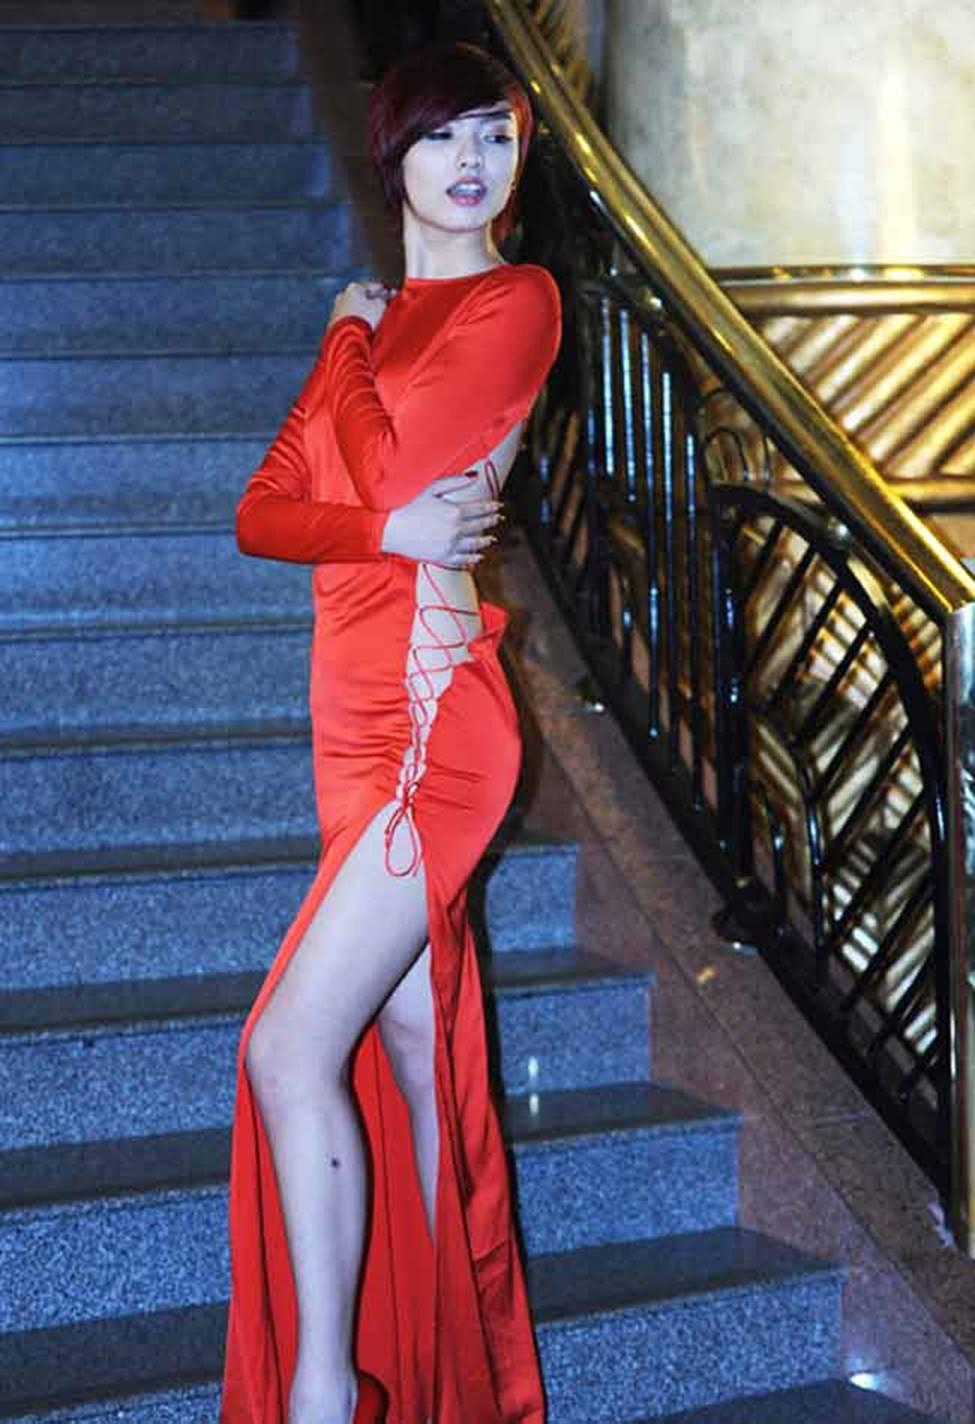 Sau khi trở lại, Hồng Quế vẫn liên tiếp gây ồn ào với cách ăn mặc gái hư-10